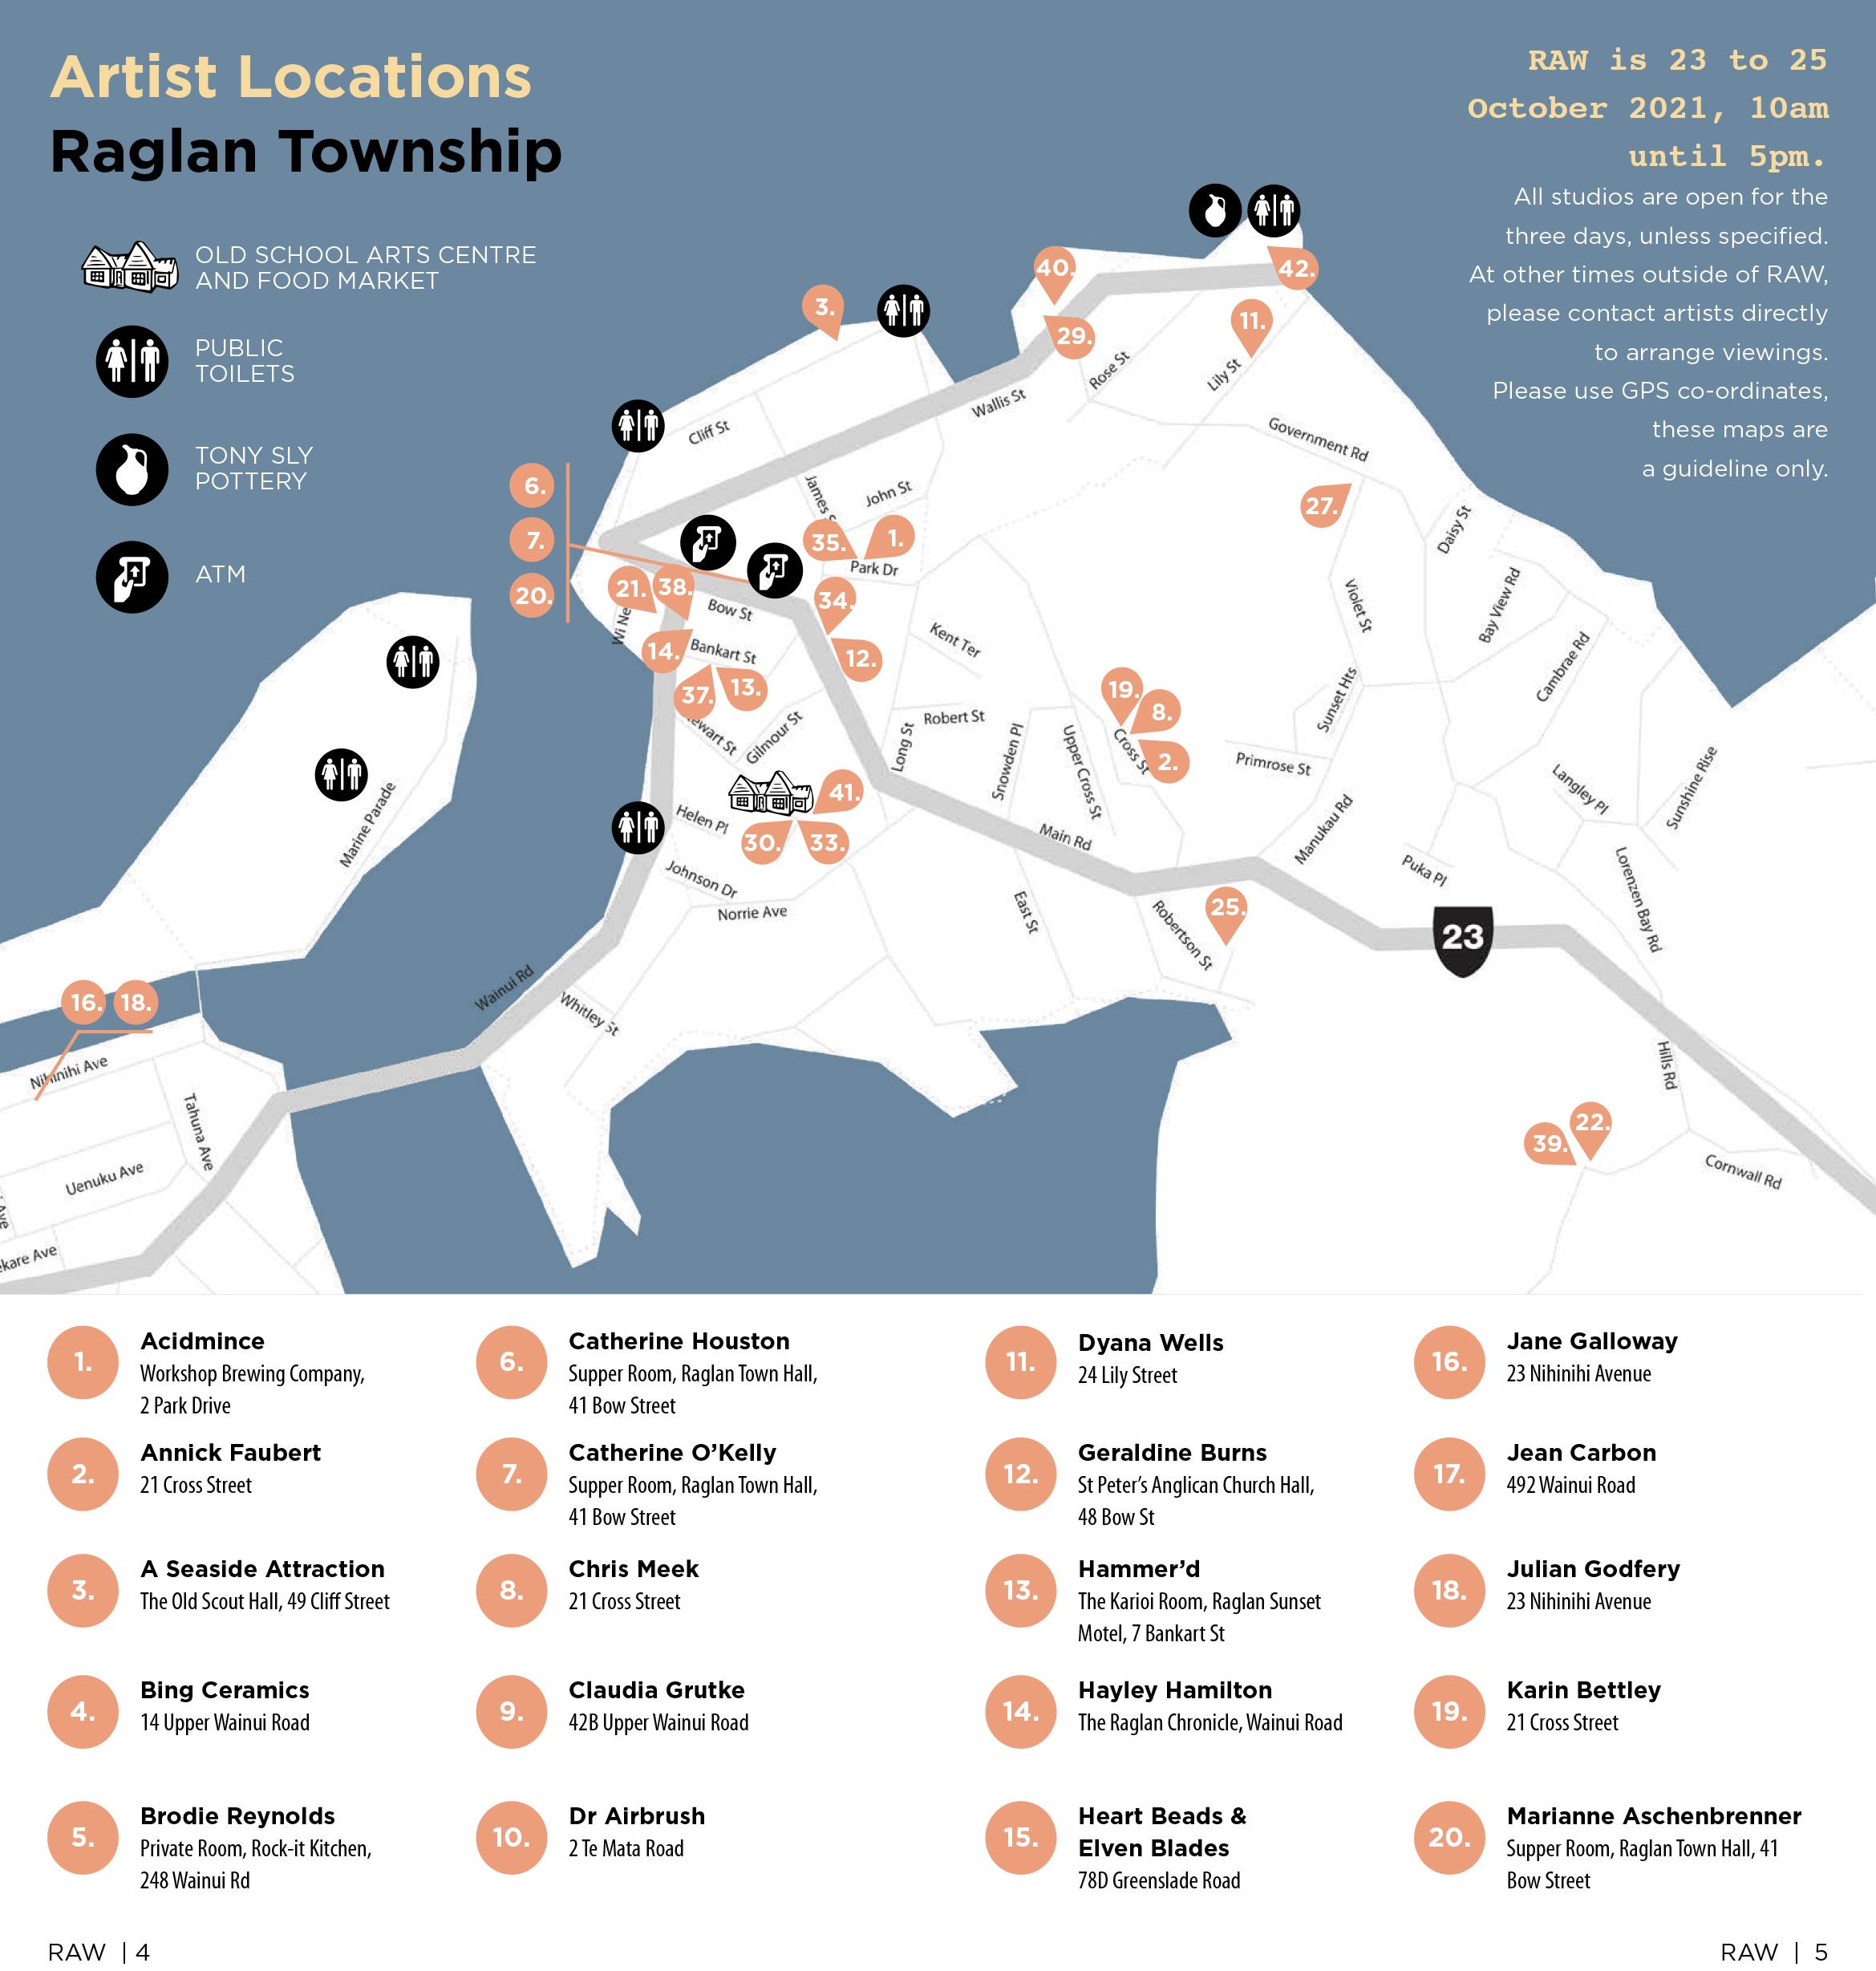 Artist locations - Raglan Township